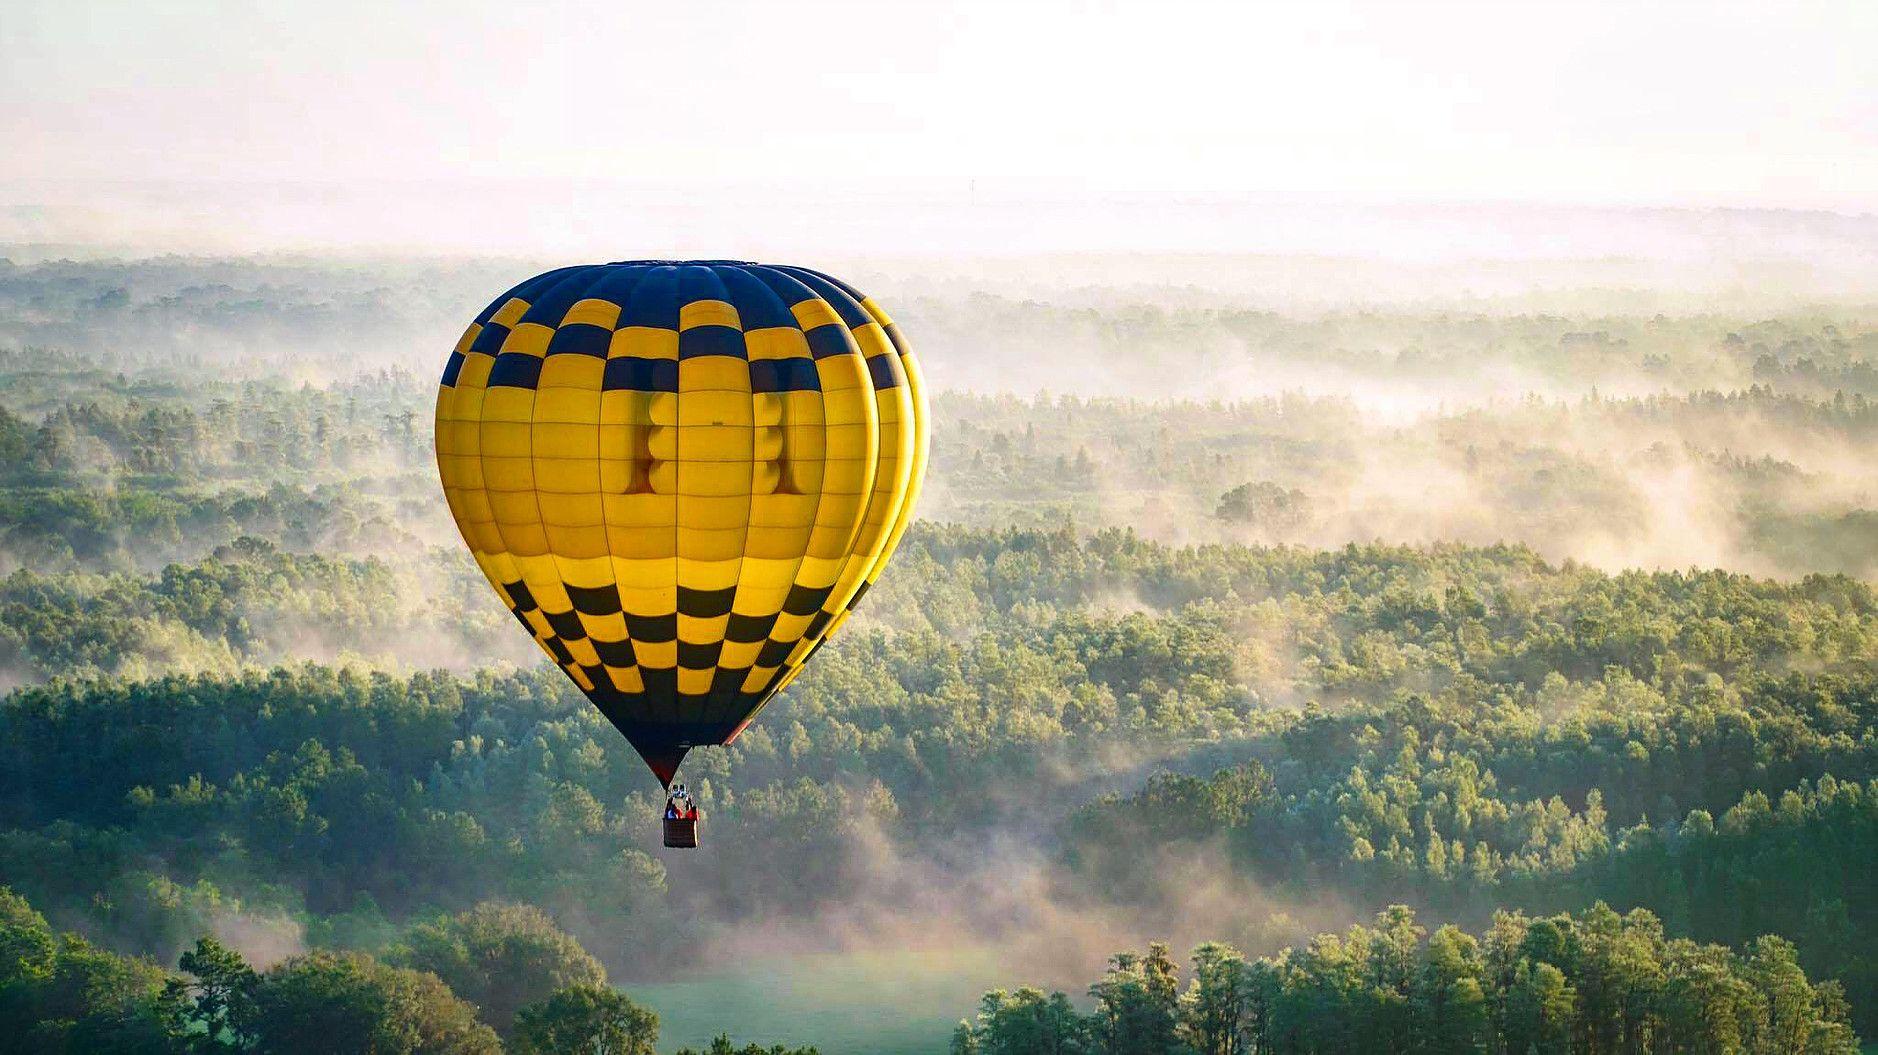 Our sunrise hot air balloon anniversary date Orlando